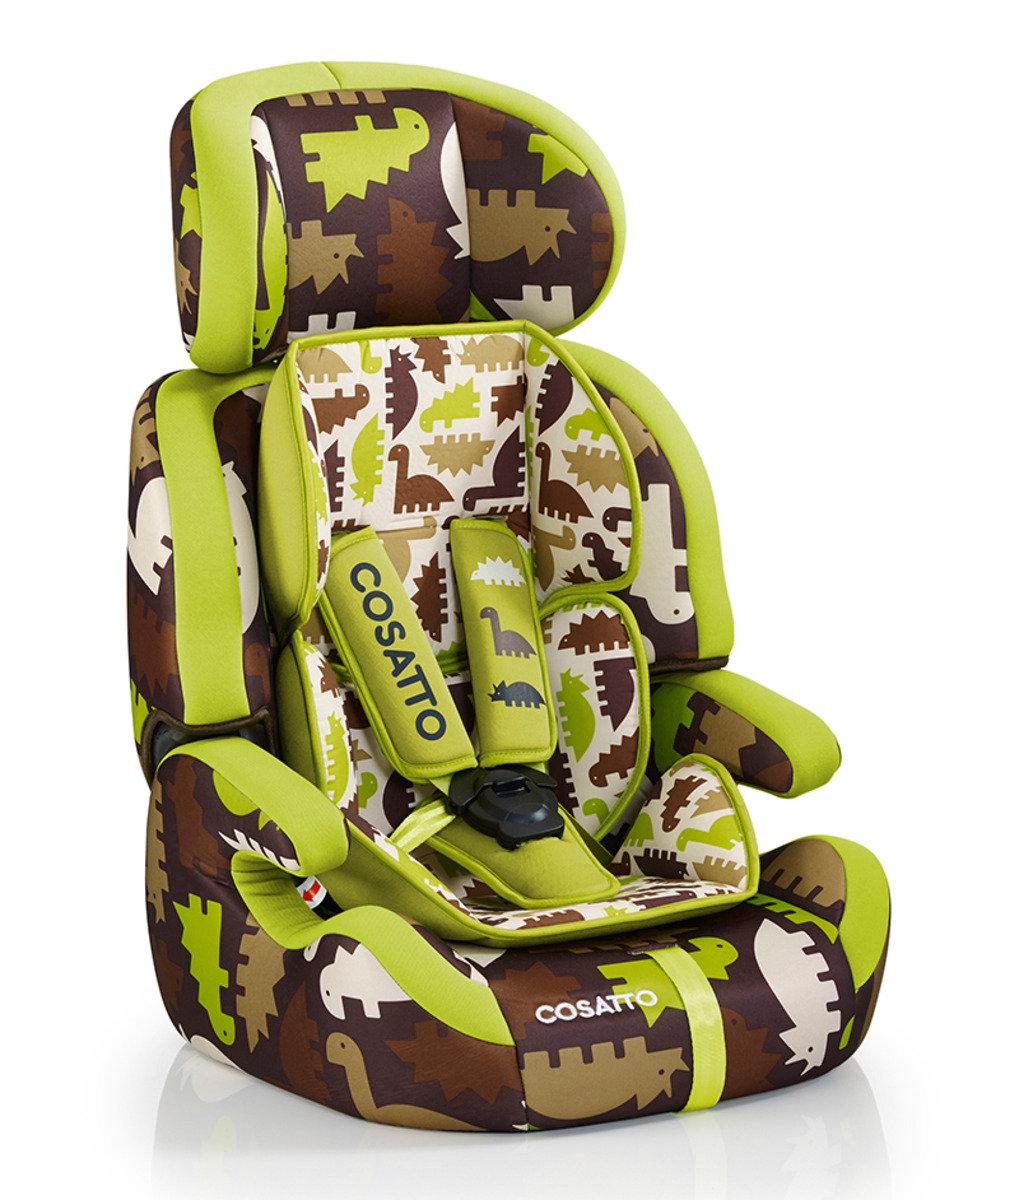 英國 Cosatto Zoomi Group 123 嬰幼童汽車安全座椅 – C-Rex